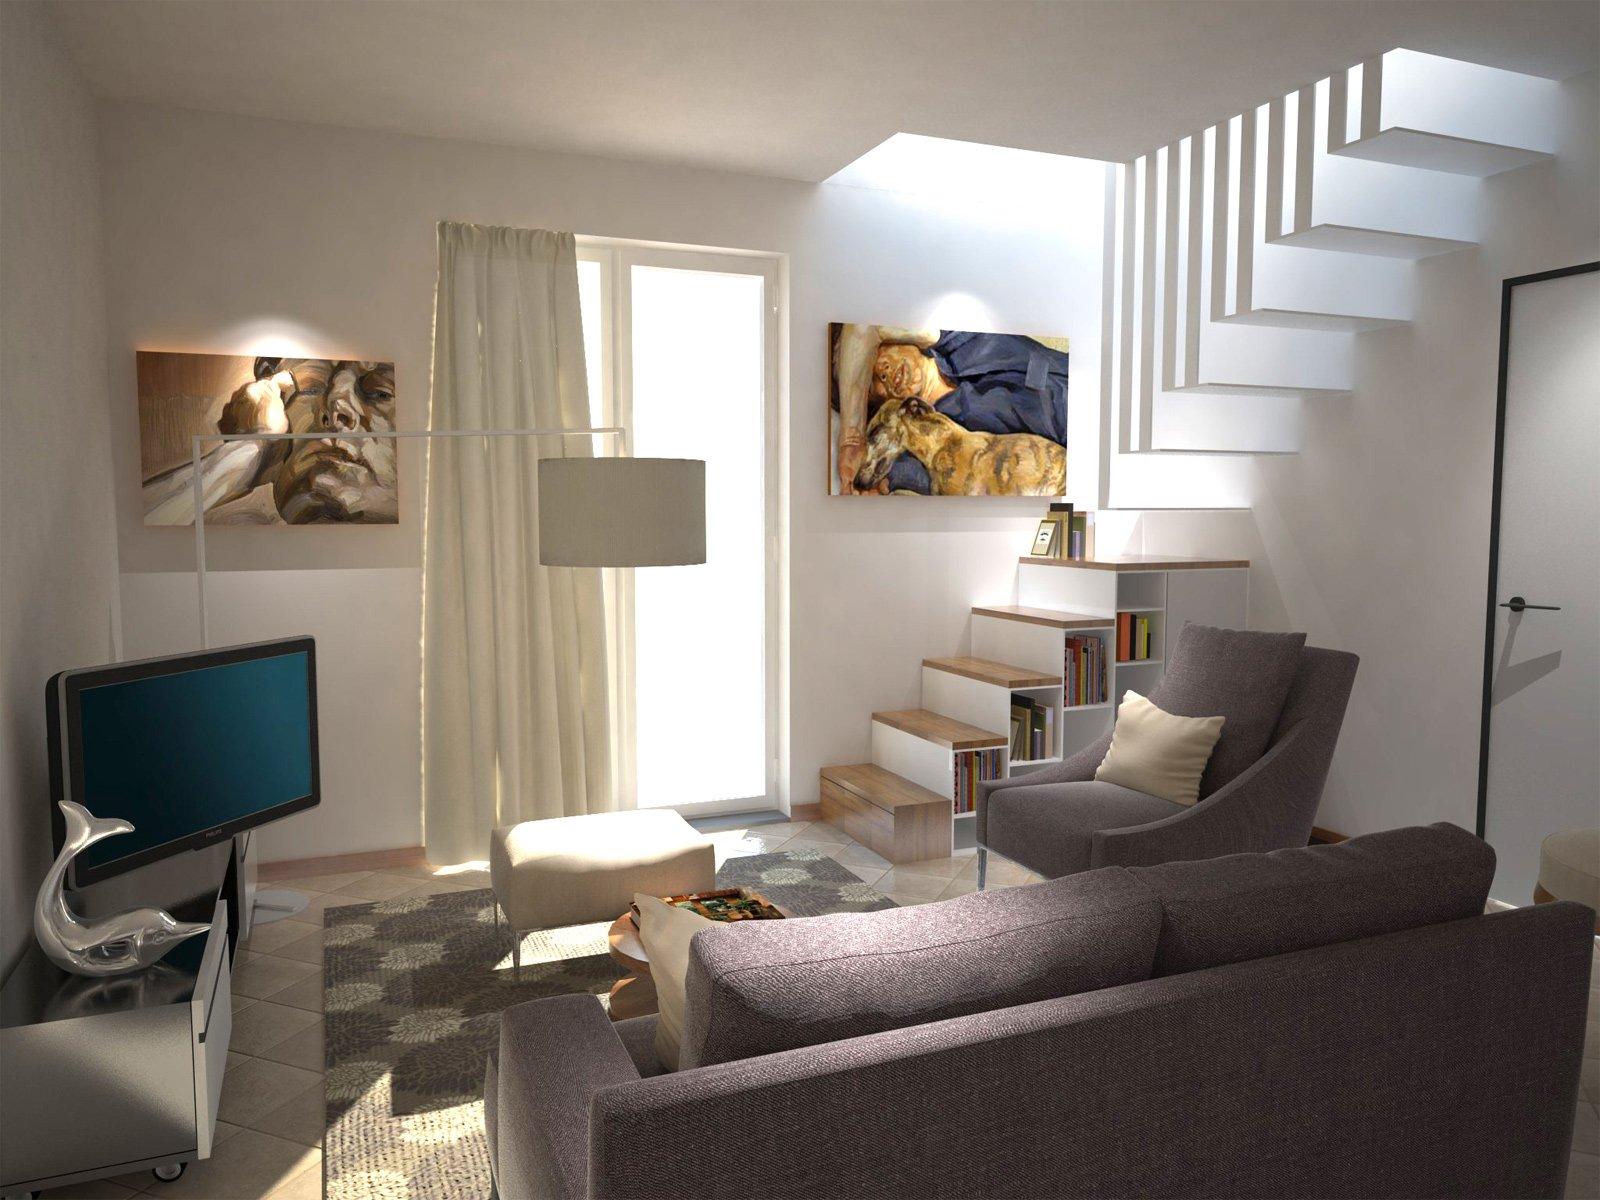 Arredare un soggiorno con tante aperture sulle pareti - Cose ...